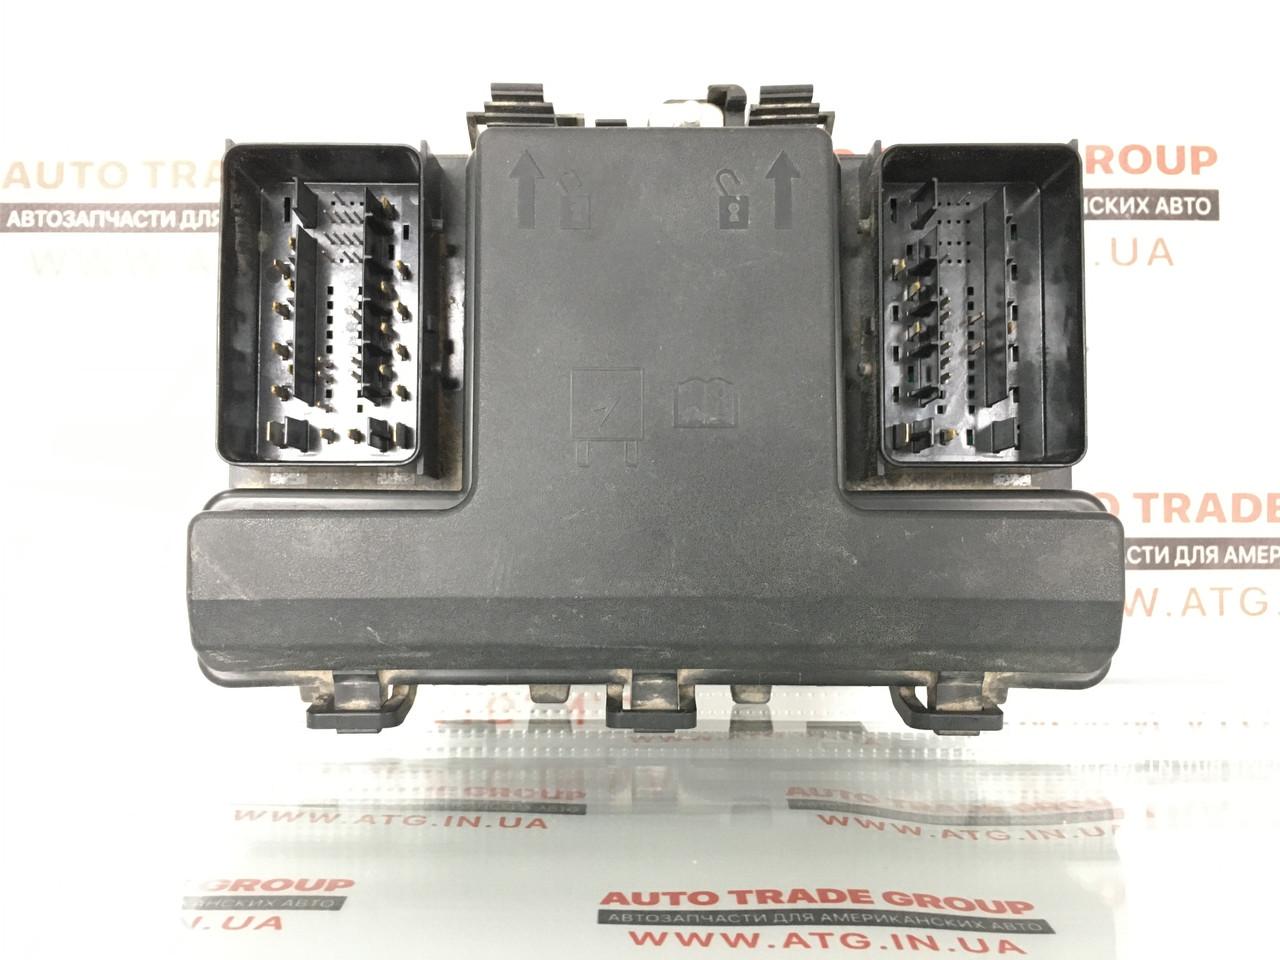 Блок предохранителей подкапотный Ford Fusion 2.5 2013-16 DG9Z-14A068-DA